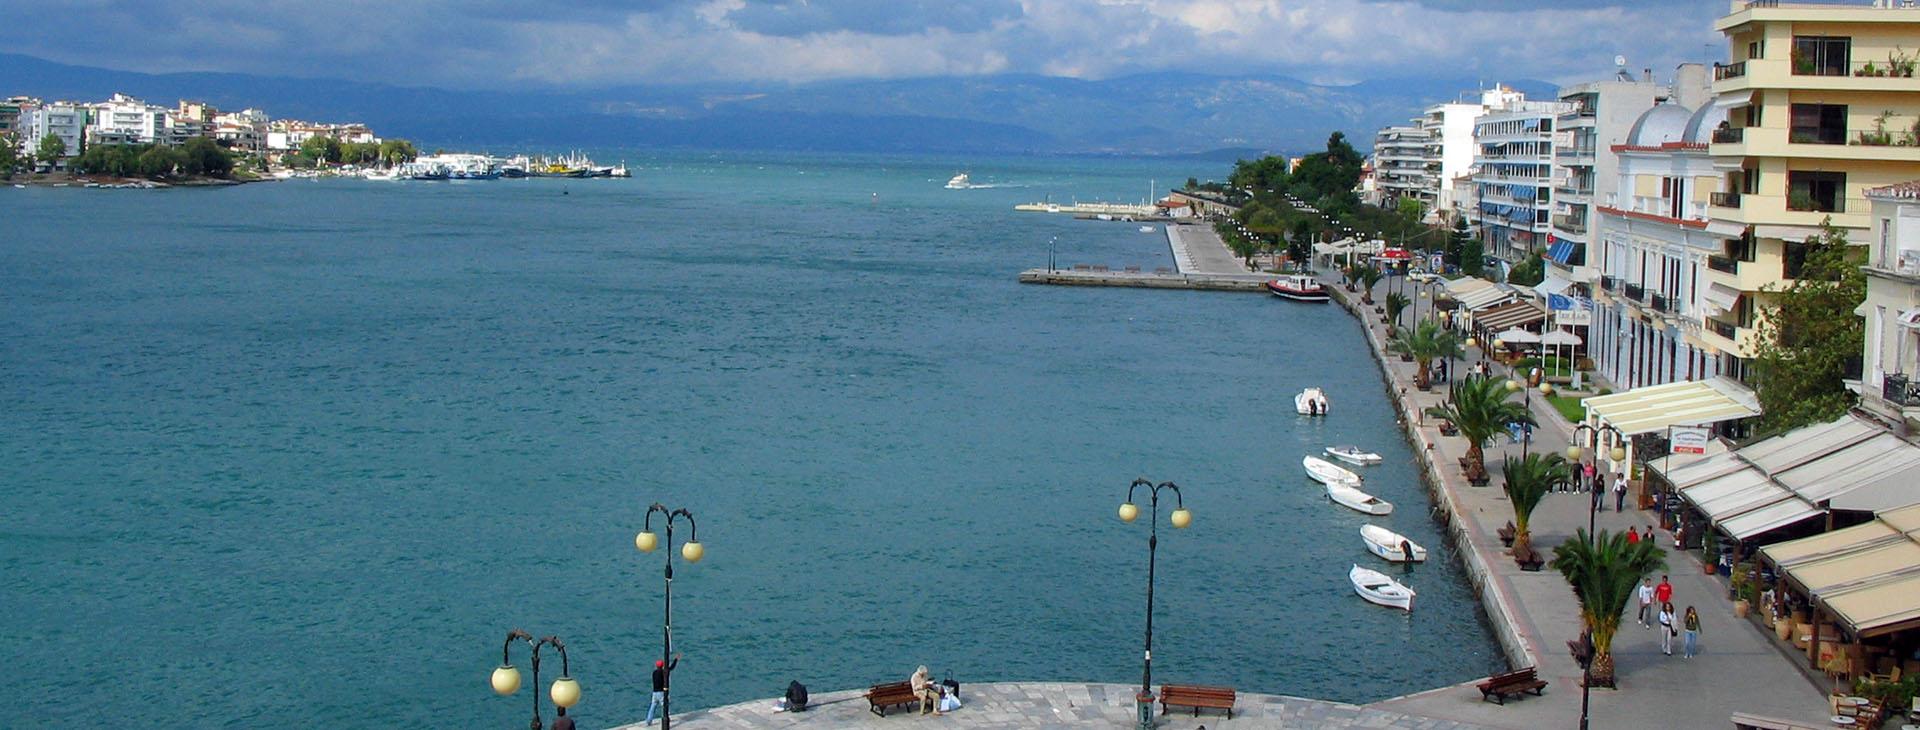 Chalcis, Evia